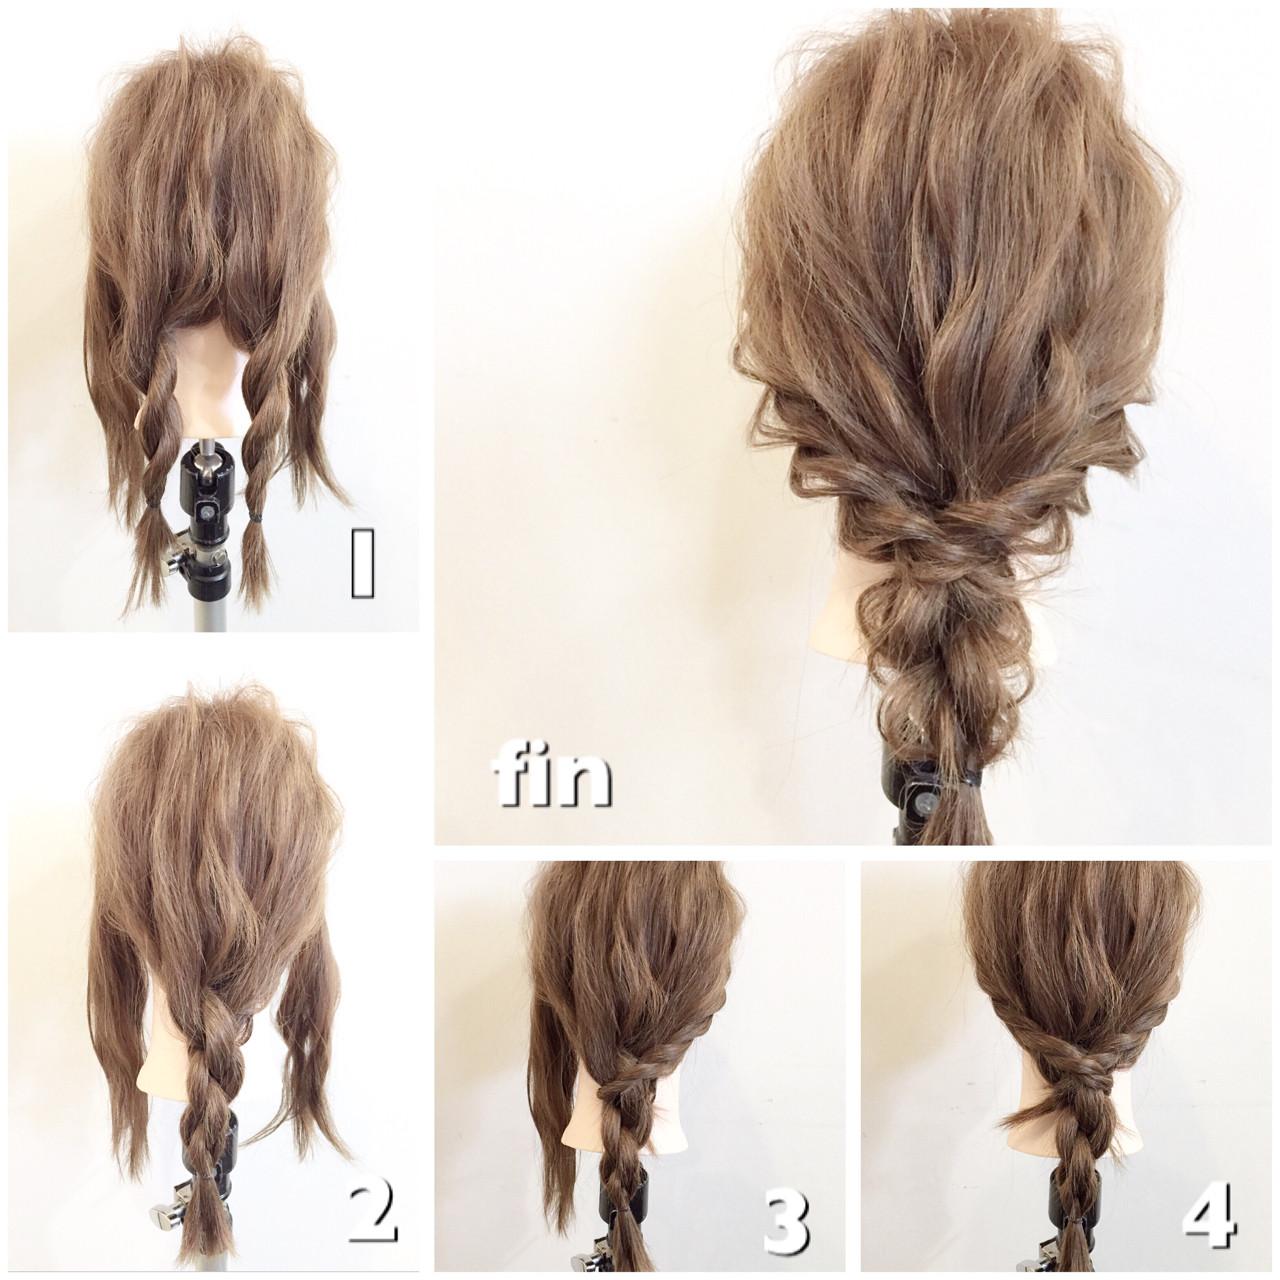 [詳しい方法付き]毎日をオシャレに飾りたい!誰でもできる簡単ヘアアレンジ特集 出典:平岡 歩 / hair&beauty NON